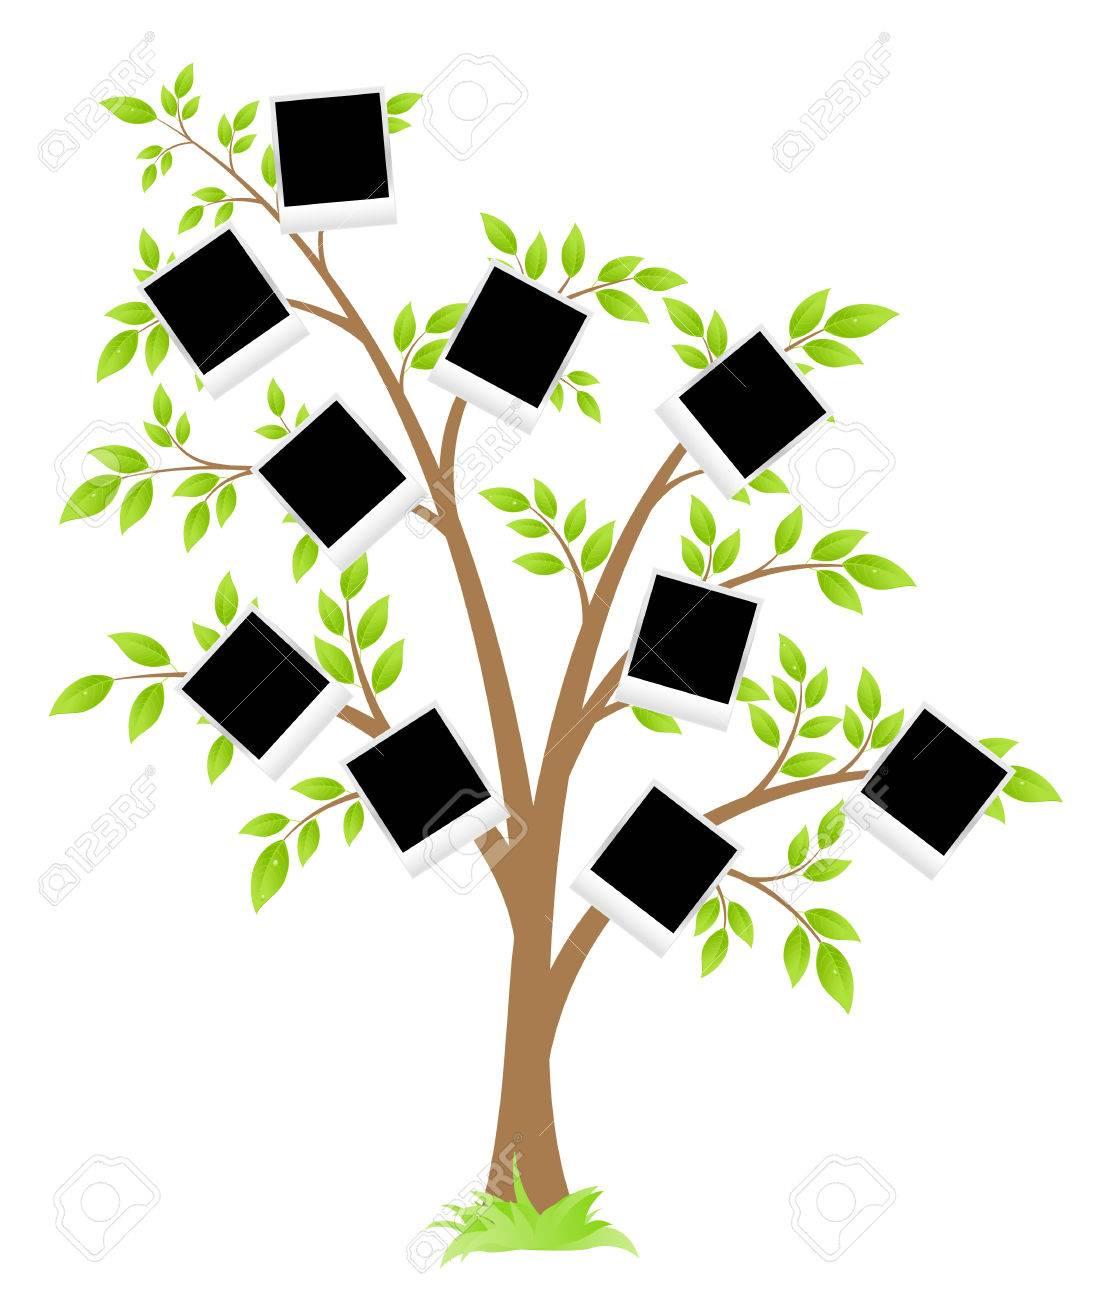 Rbol De Familia. Árbol Con Los Marcos Para Las Fotos. Ilustración ...